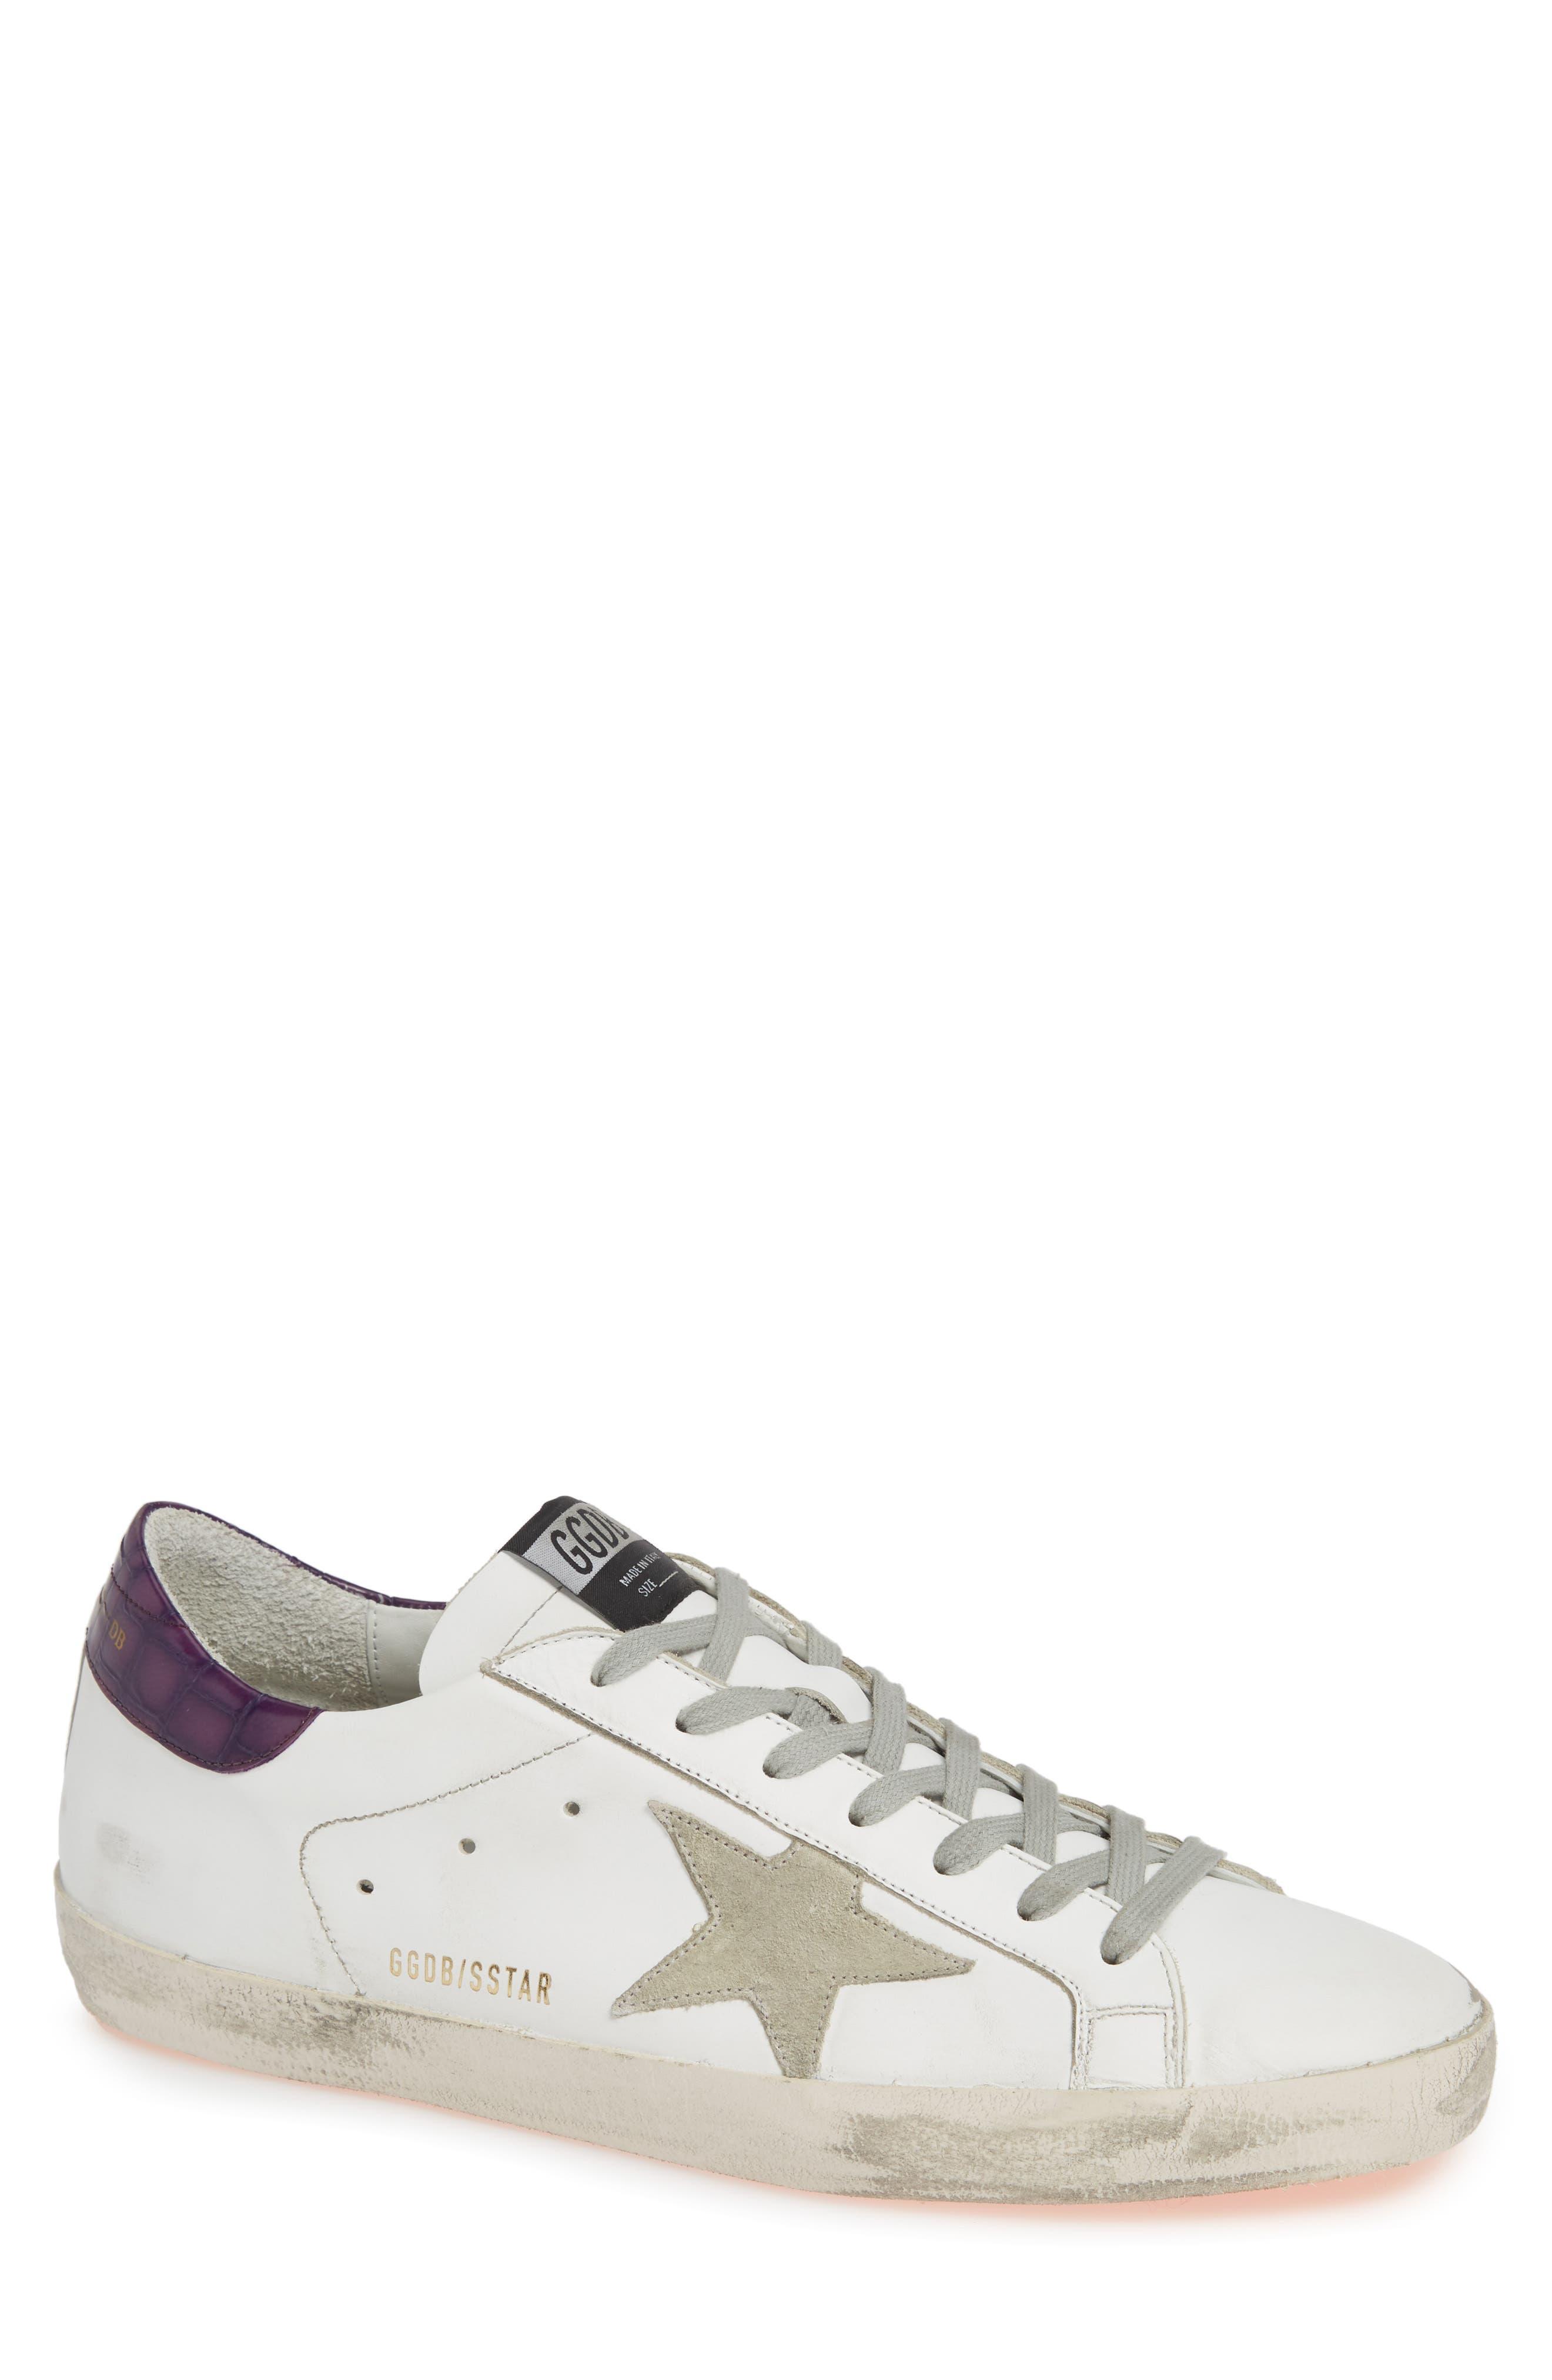 GOLDEN GOOSE 'Superstar' Sneaker, Main, color, WHITE/ VIOLET